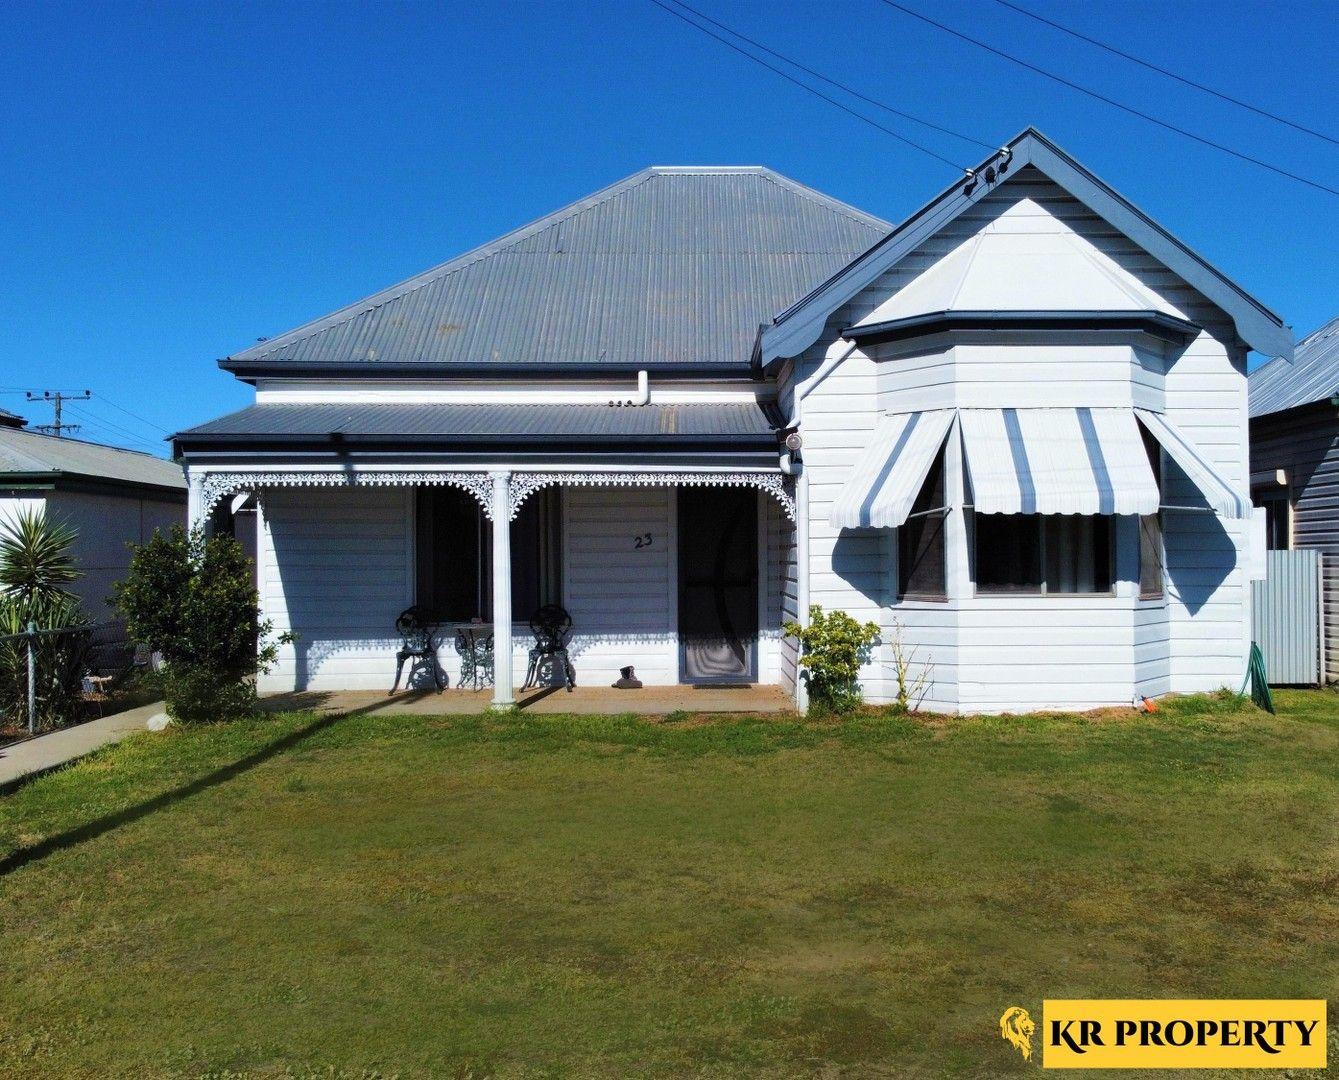 23 Deran Street, Narrabri NSW 2390, Image 0